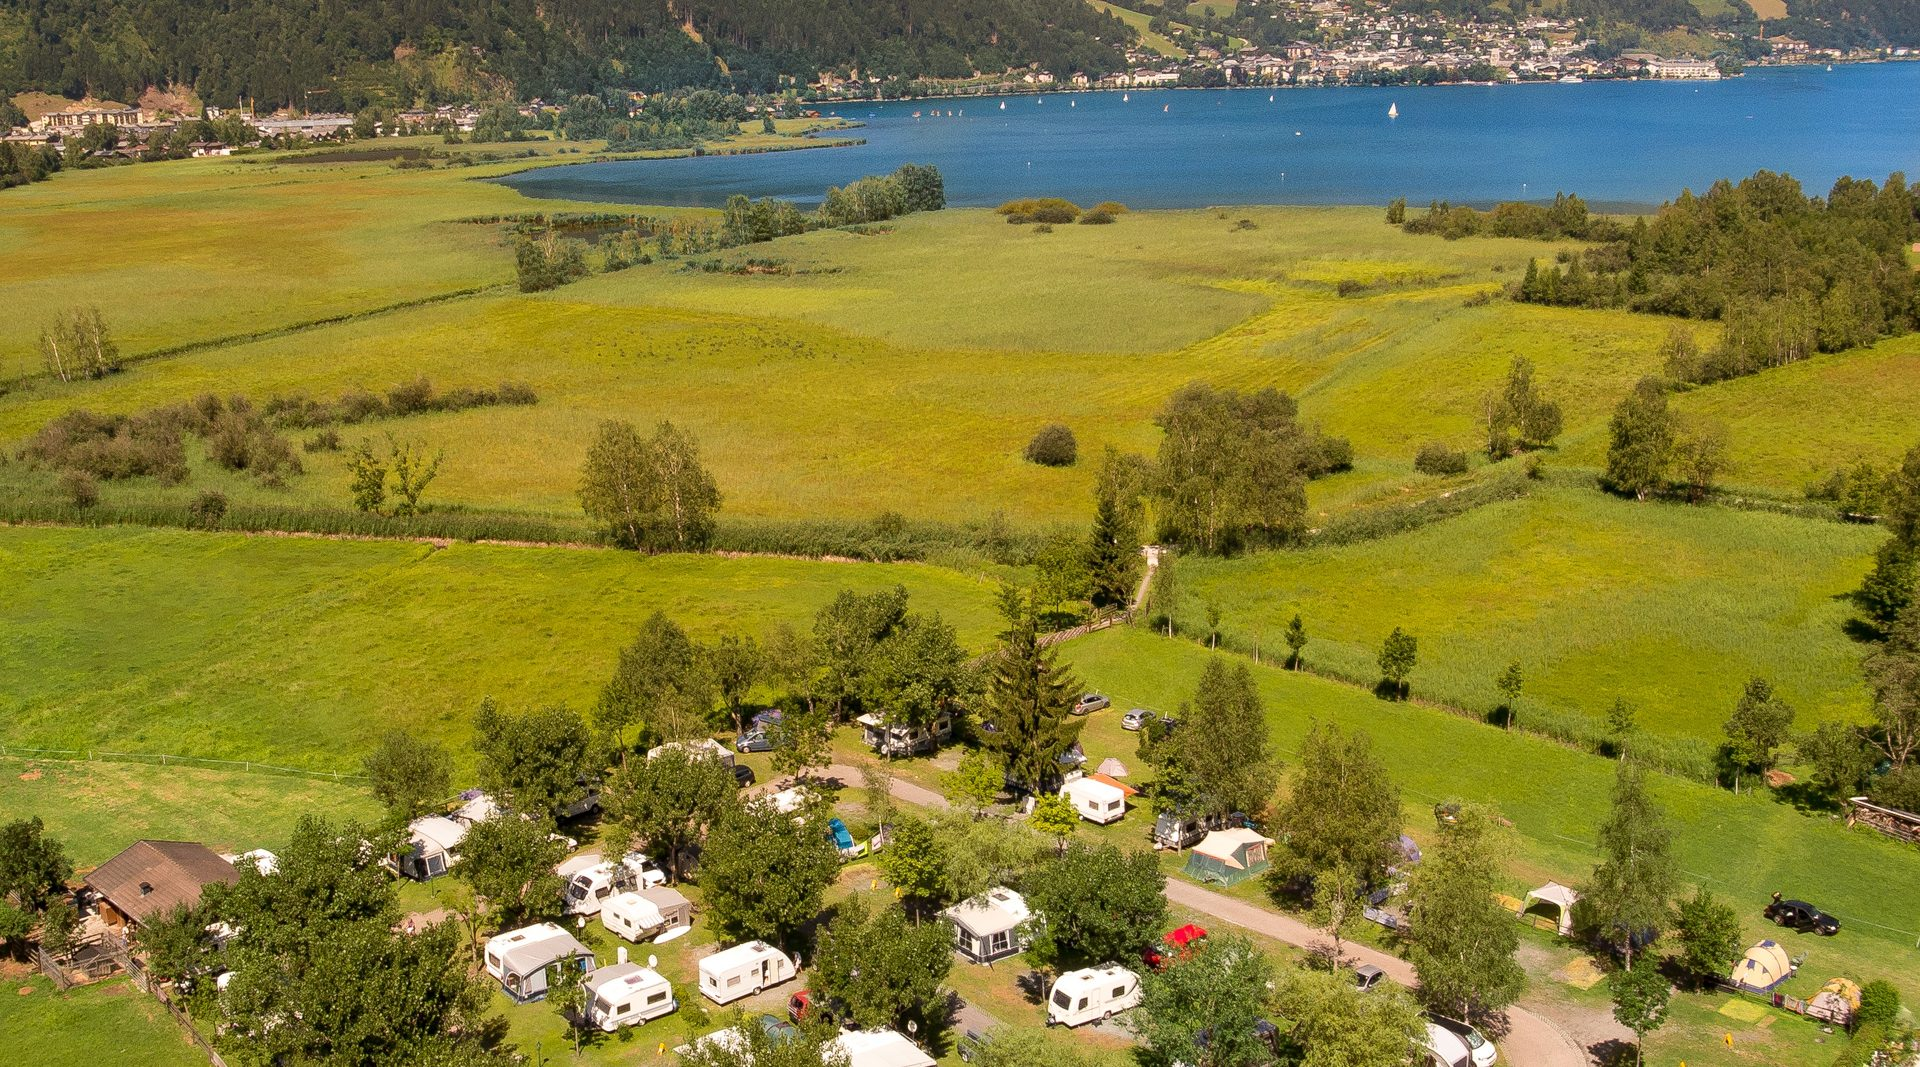 Camping at lake Zell